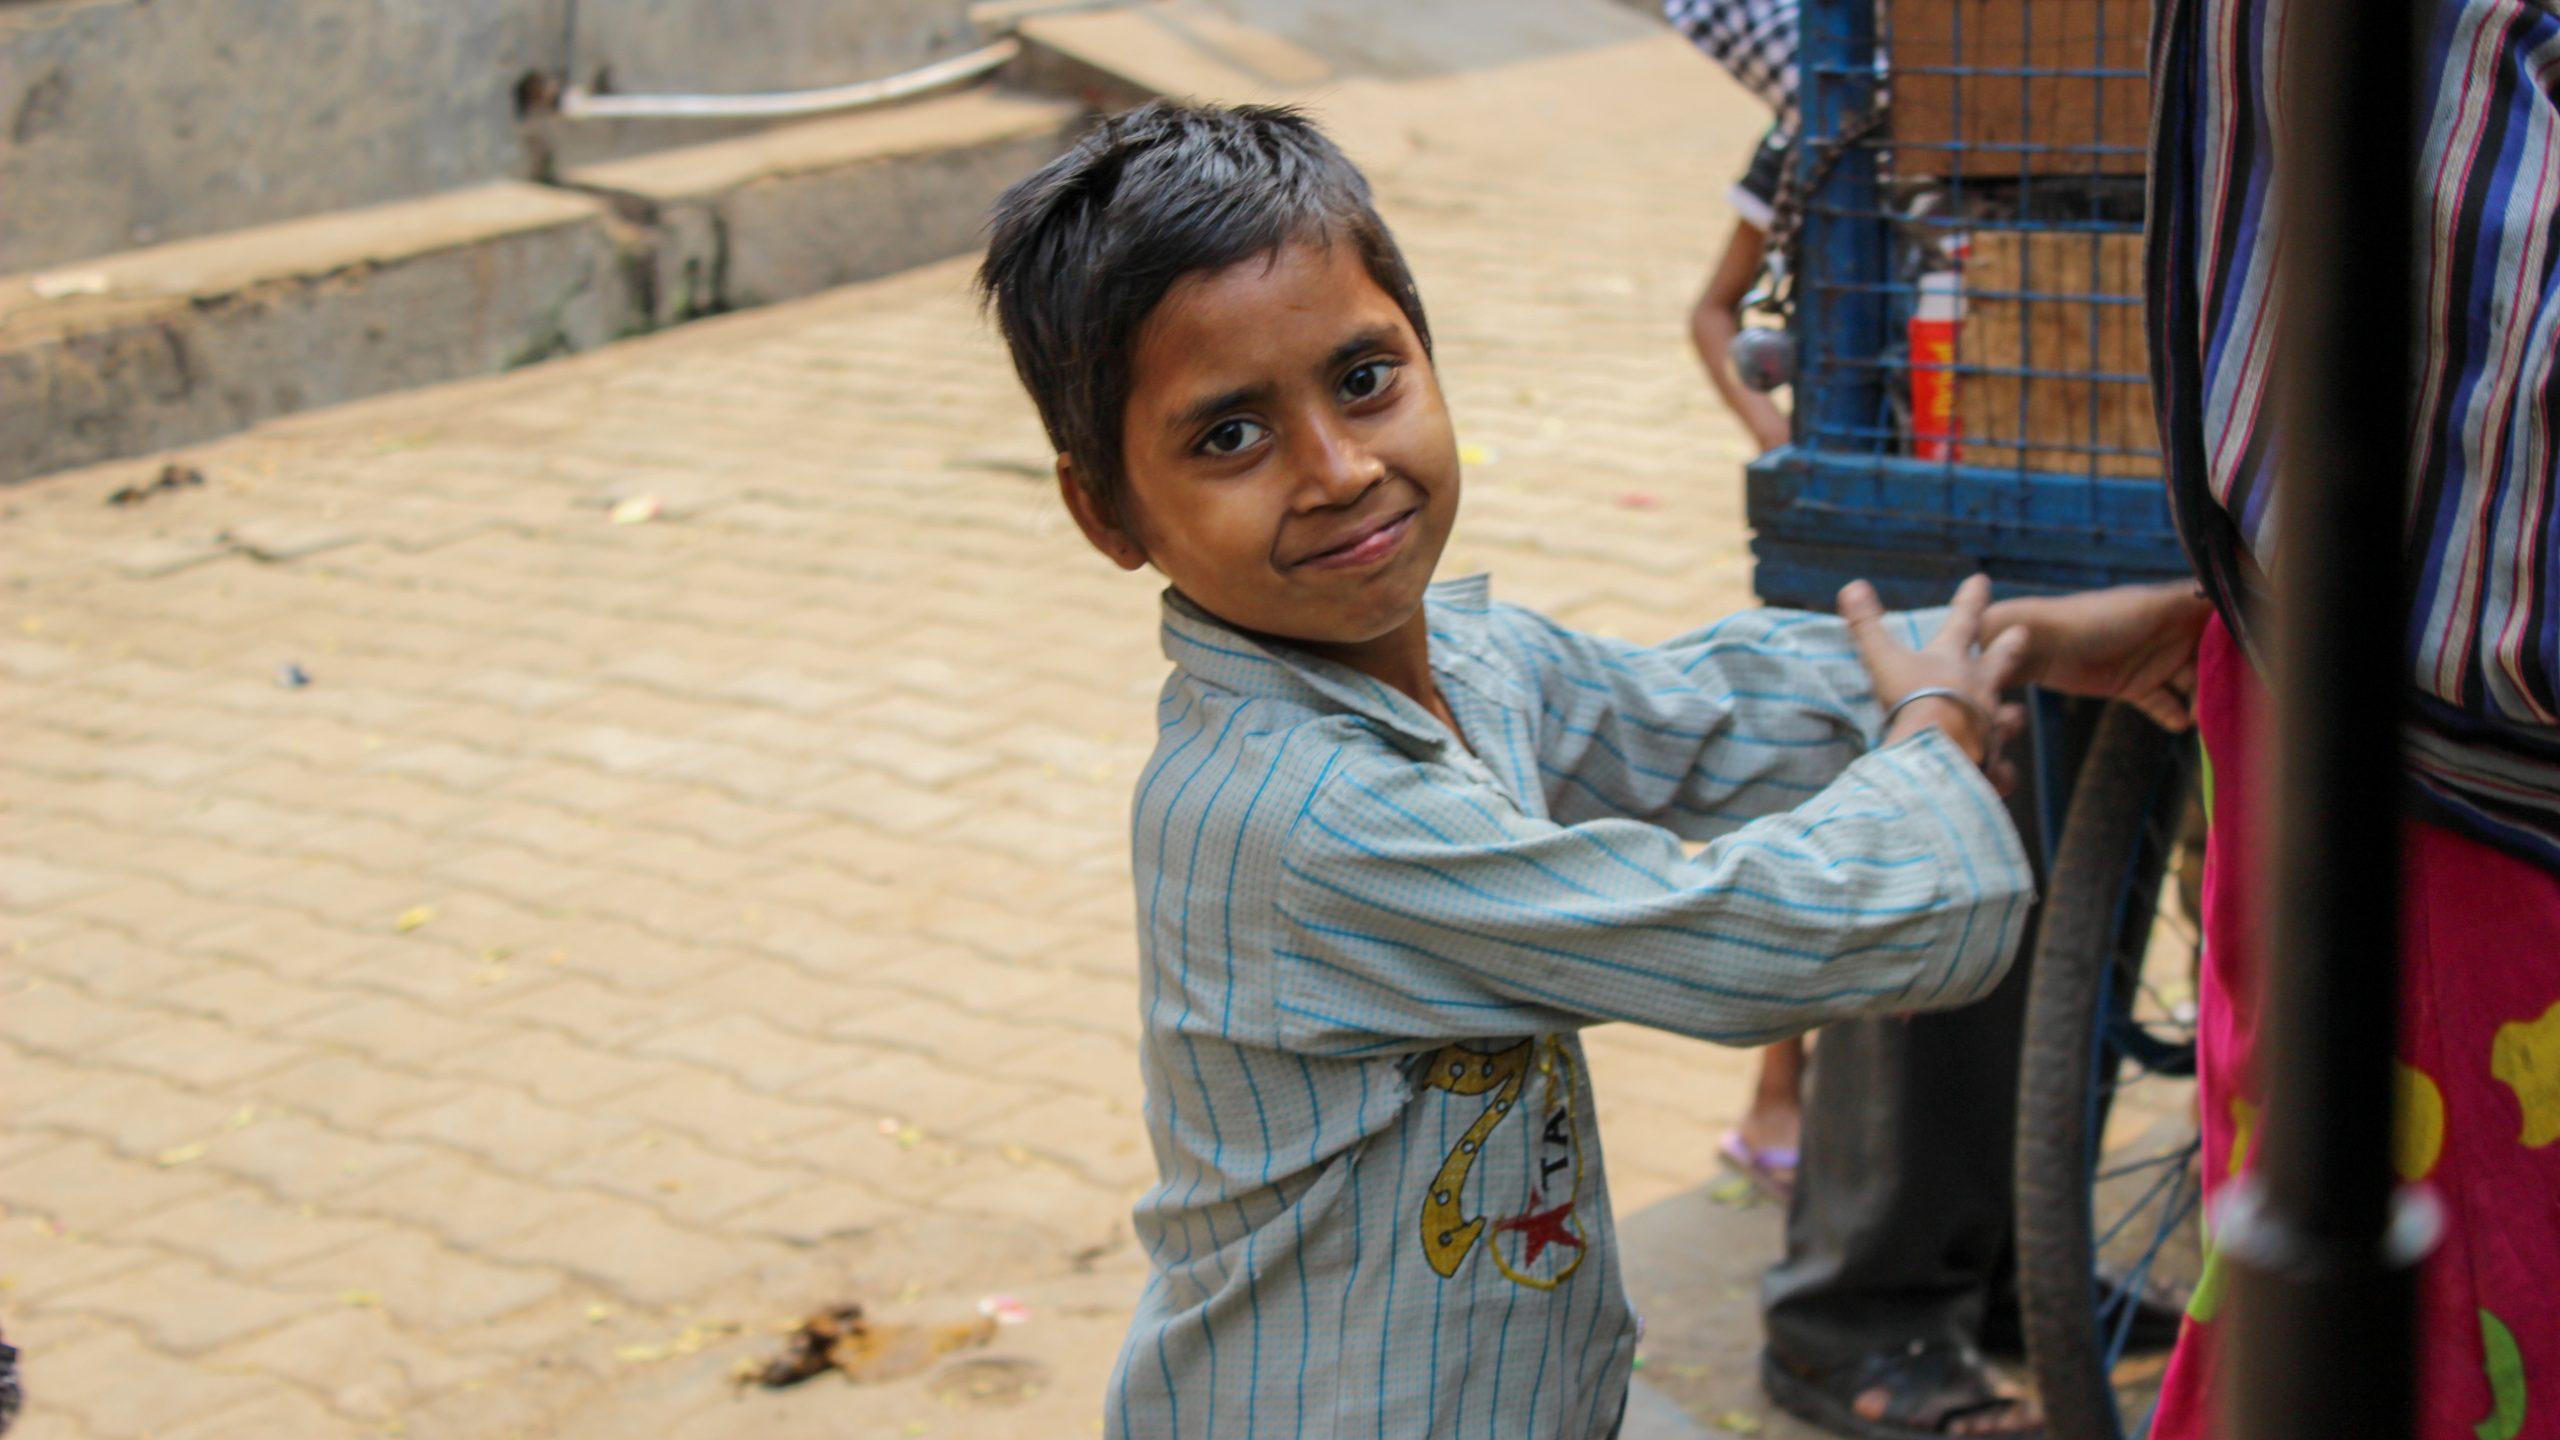 sokaktaki çocuk scaled - Agra Bir Masal Anlat Bana